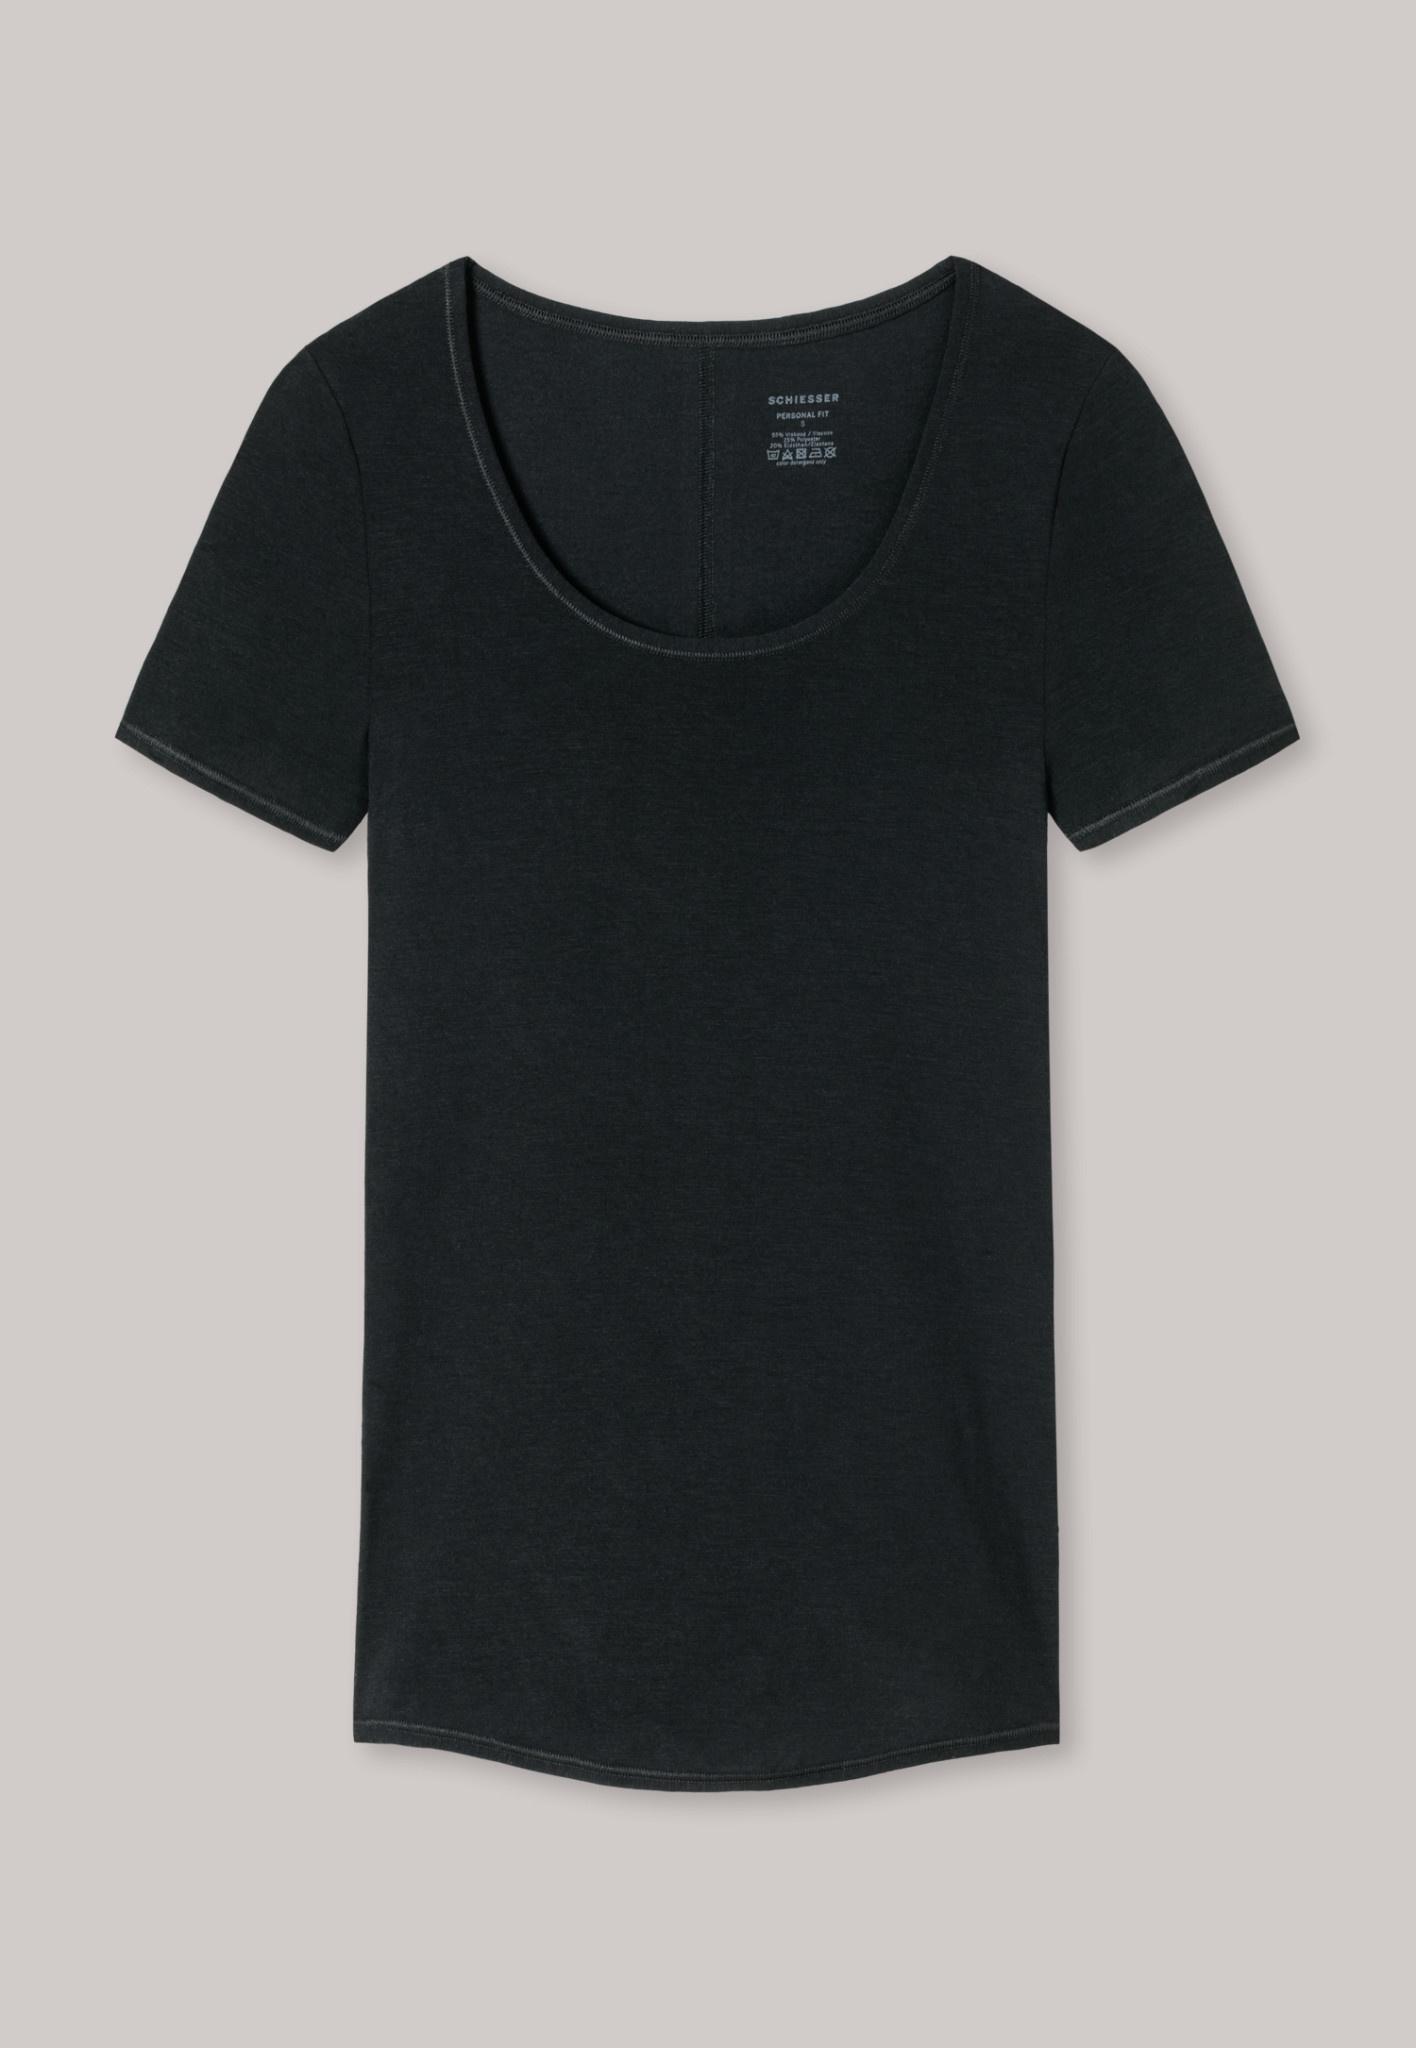 T-shirt Personal Fit 155413 - zwart-3